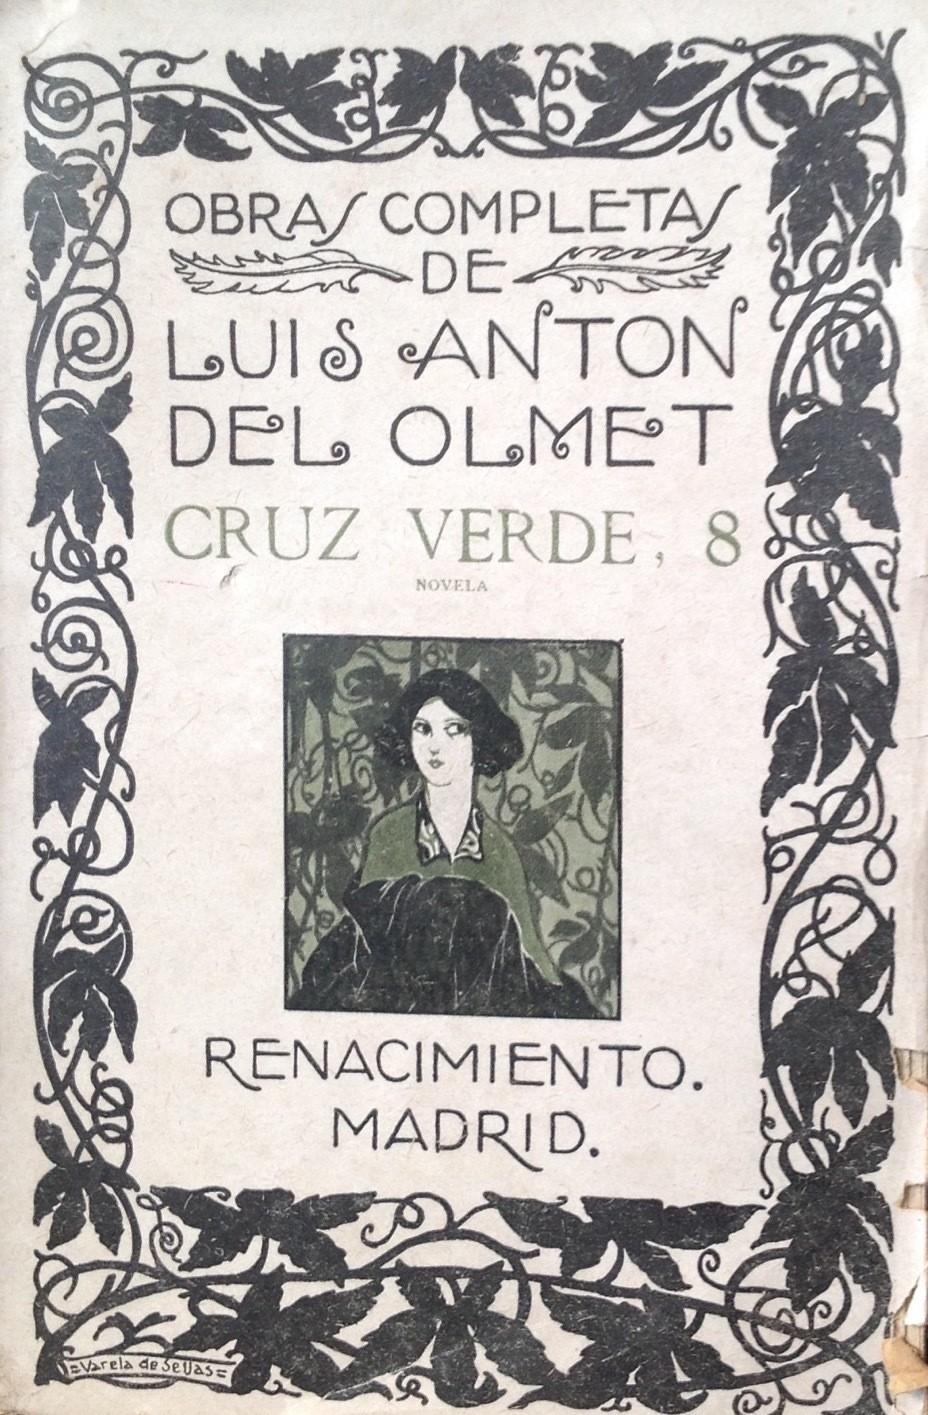 Luis Anton del Almet, Cruz verde